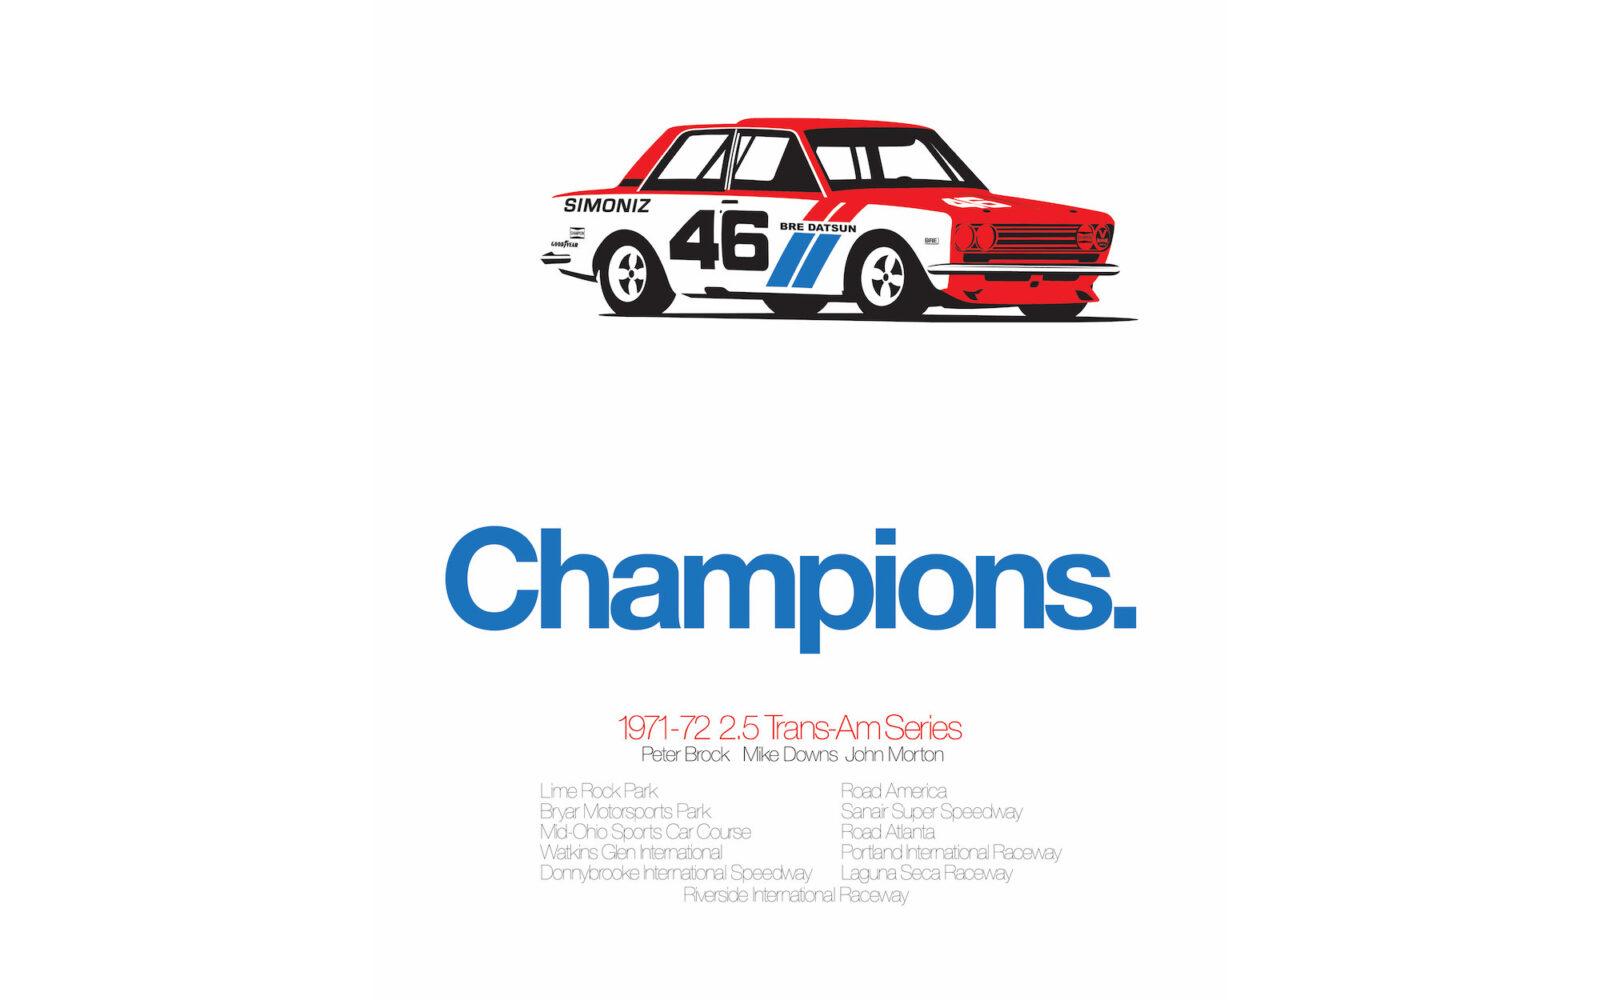 Datsun 510 Poster 1600x1000 - Datsun 510 Print